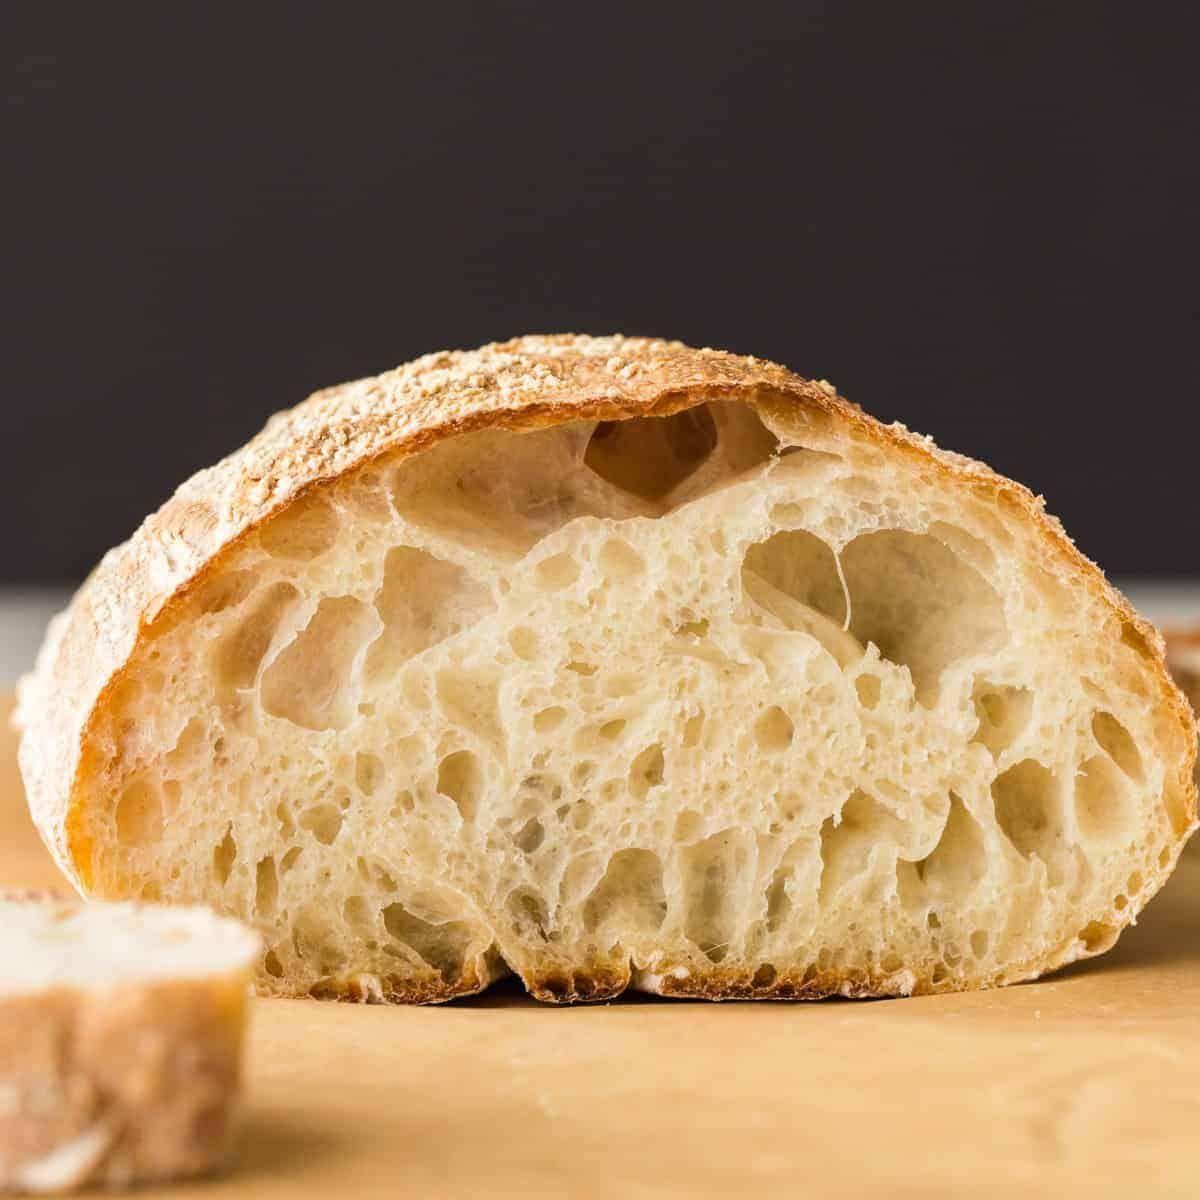 Homemade Ciabatta Bread Recipe In 2020 Ciabatta Bread Recipe Homemade Ciabatta Bread